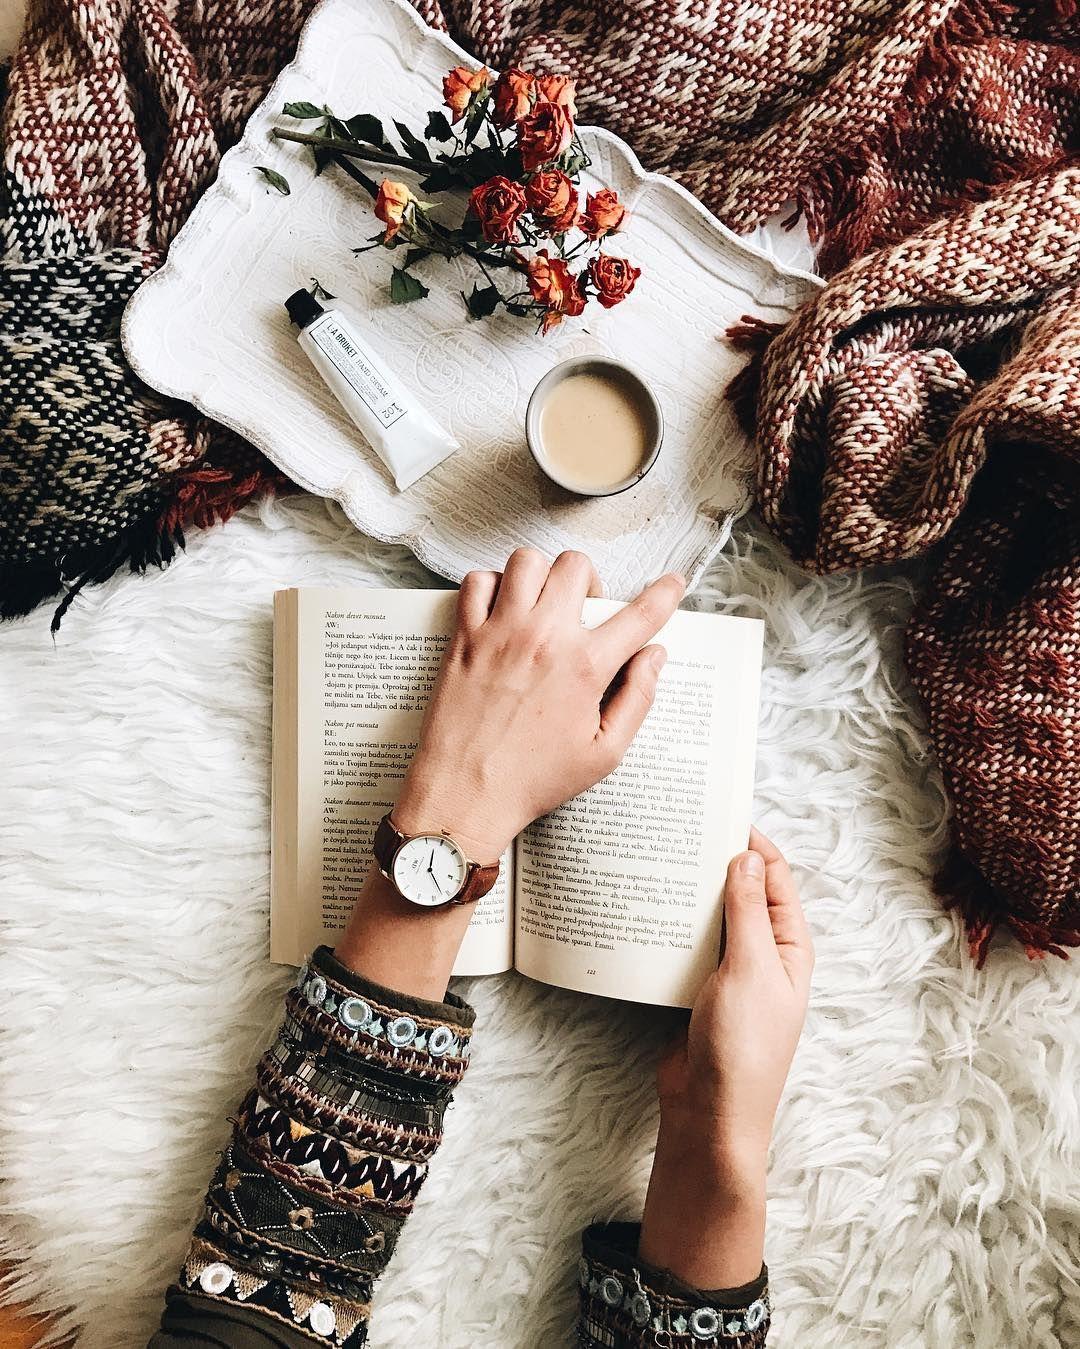 Как сделать красивое фото с книгой